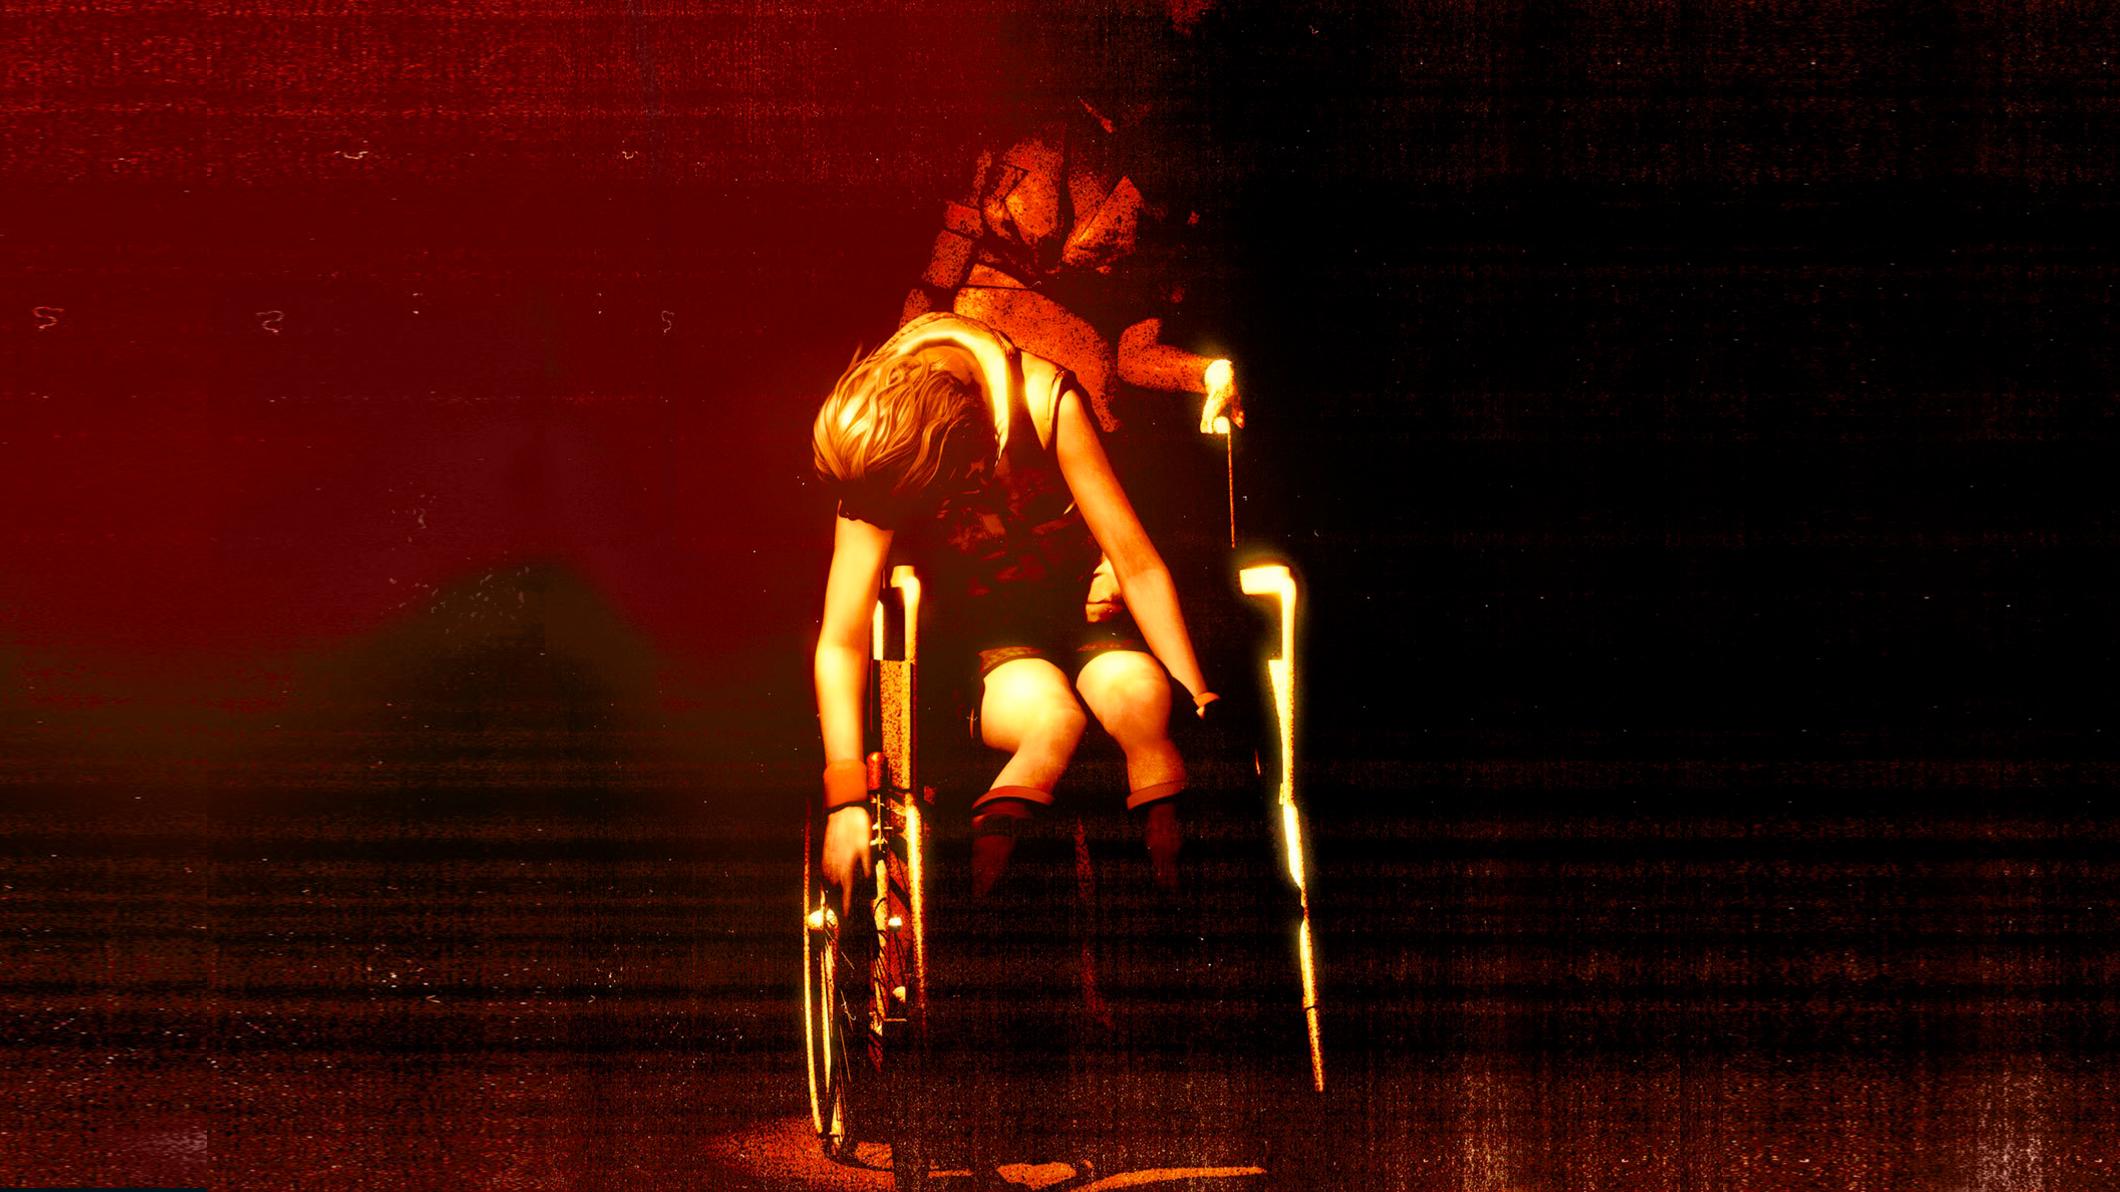 Wallpaper Silent Hill Silent Hill 3 Heather Mason 2120x1192 Imanol10 1447949 Hd Wallpapers Wallhere